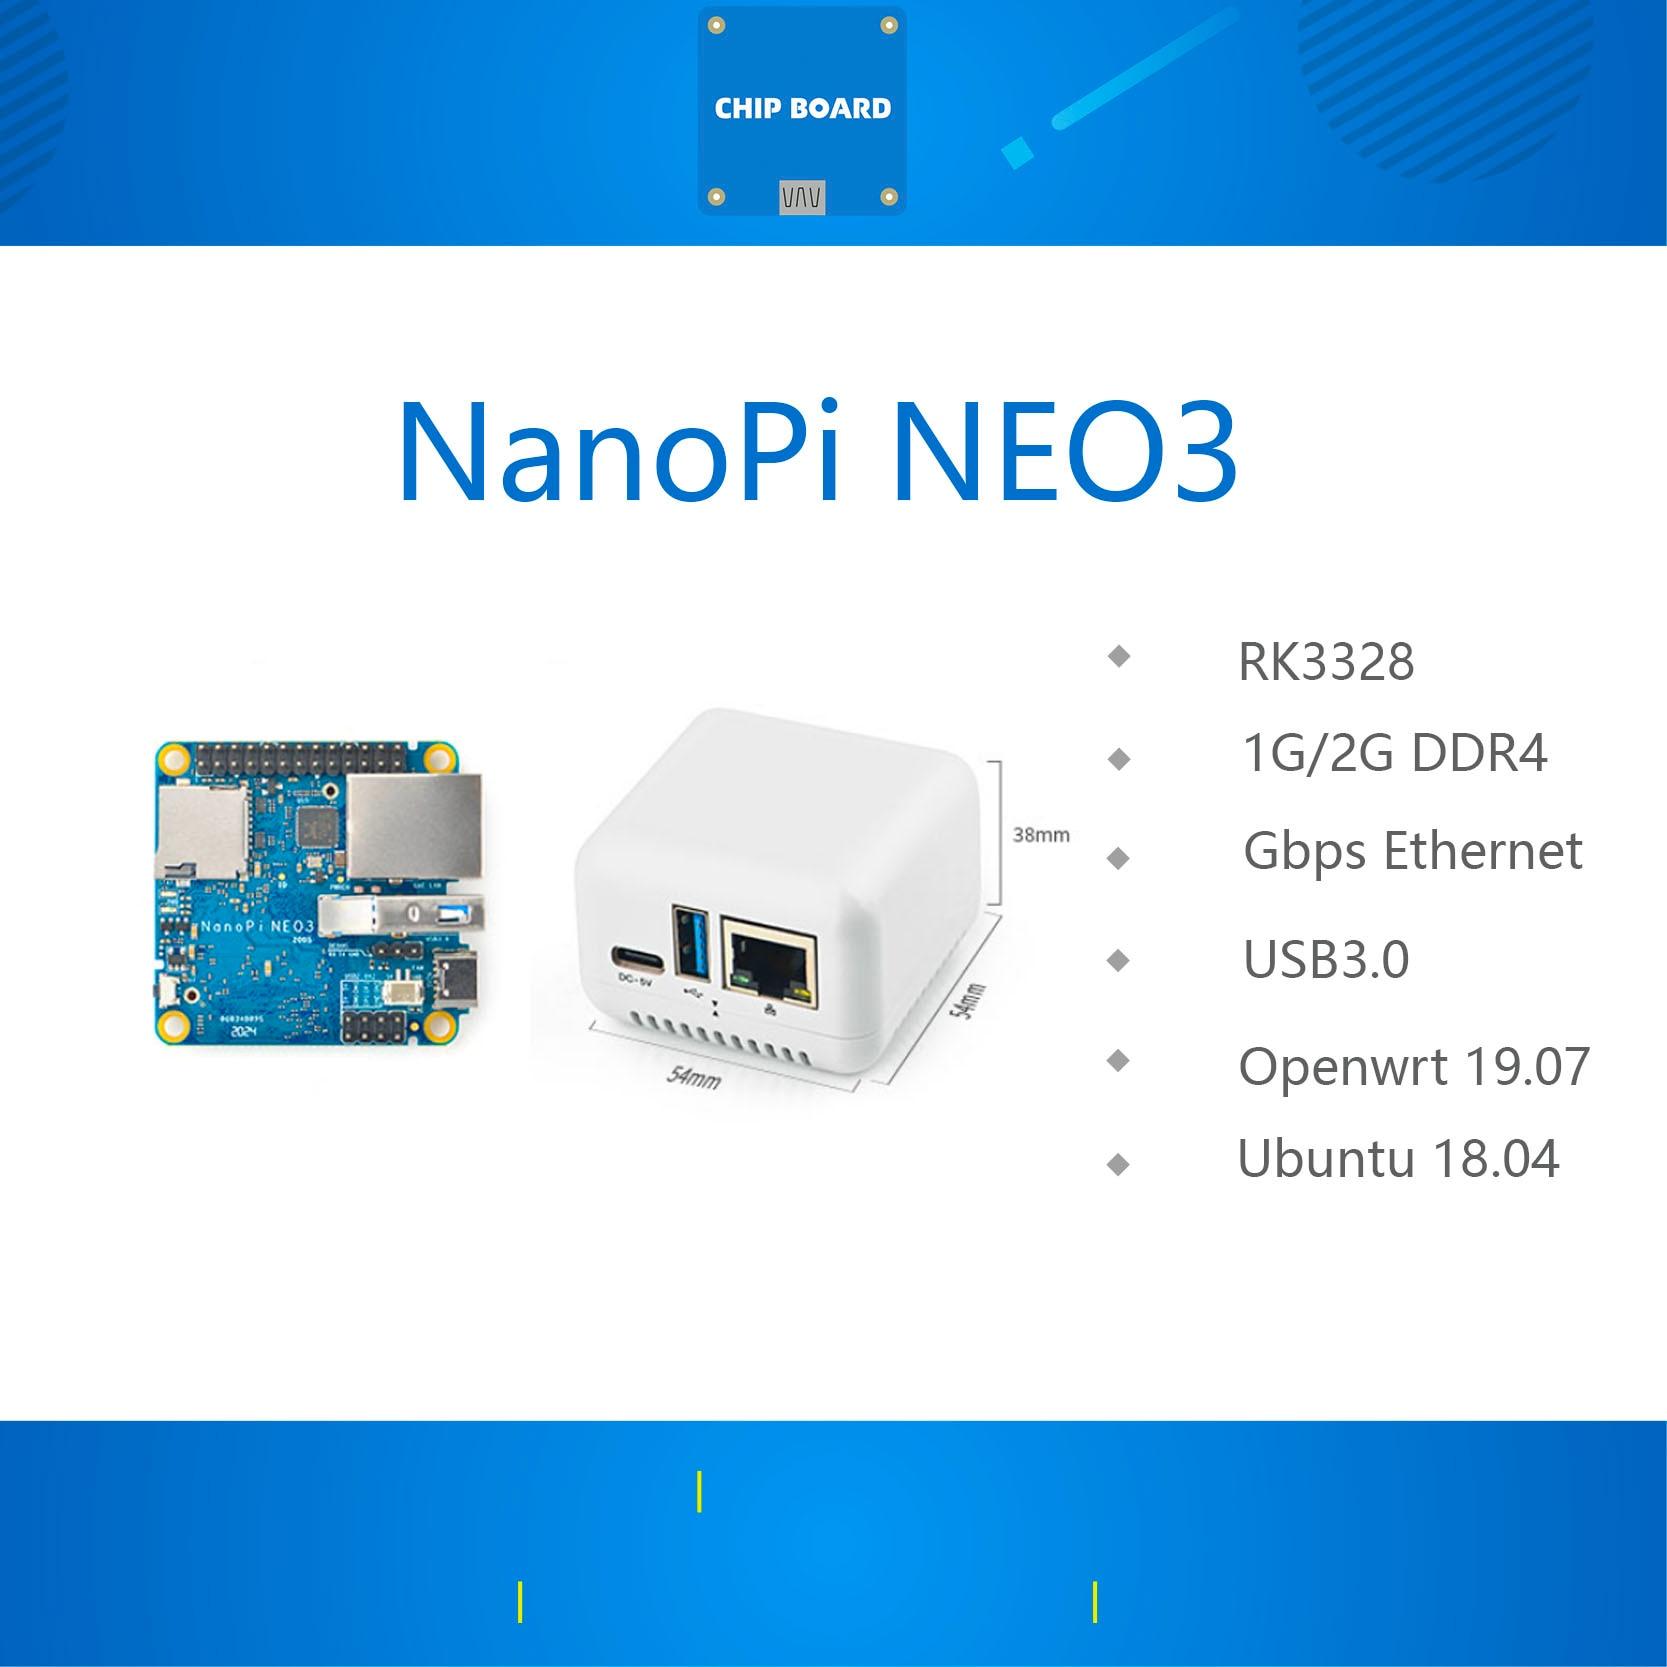 Мини макетная плата NanoPi NEO3 RK3328, гигабитный порт Ethernet, память 1 ГБ/2 ГБ, OpenWrt/LEDE, Прямая поставка